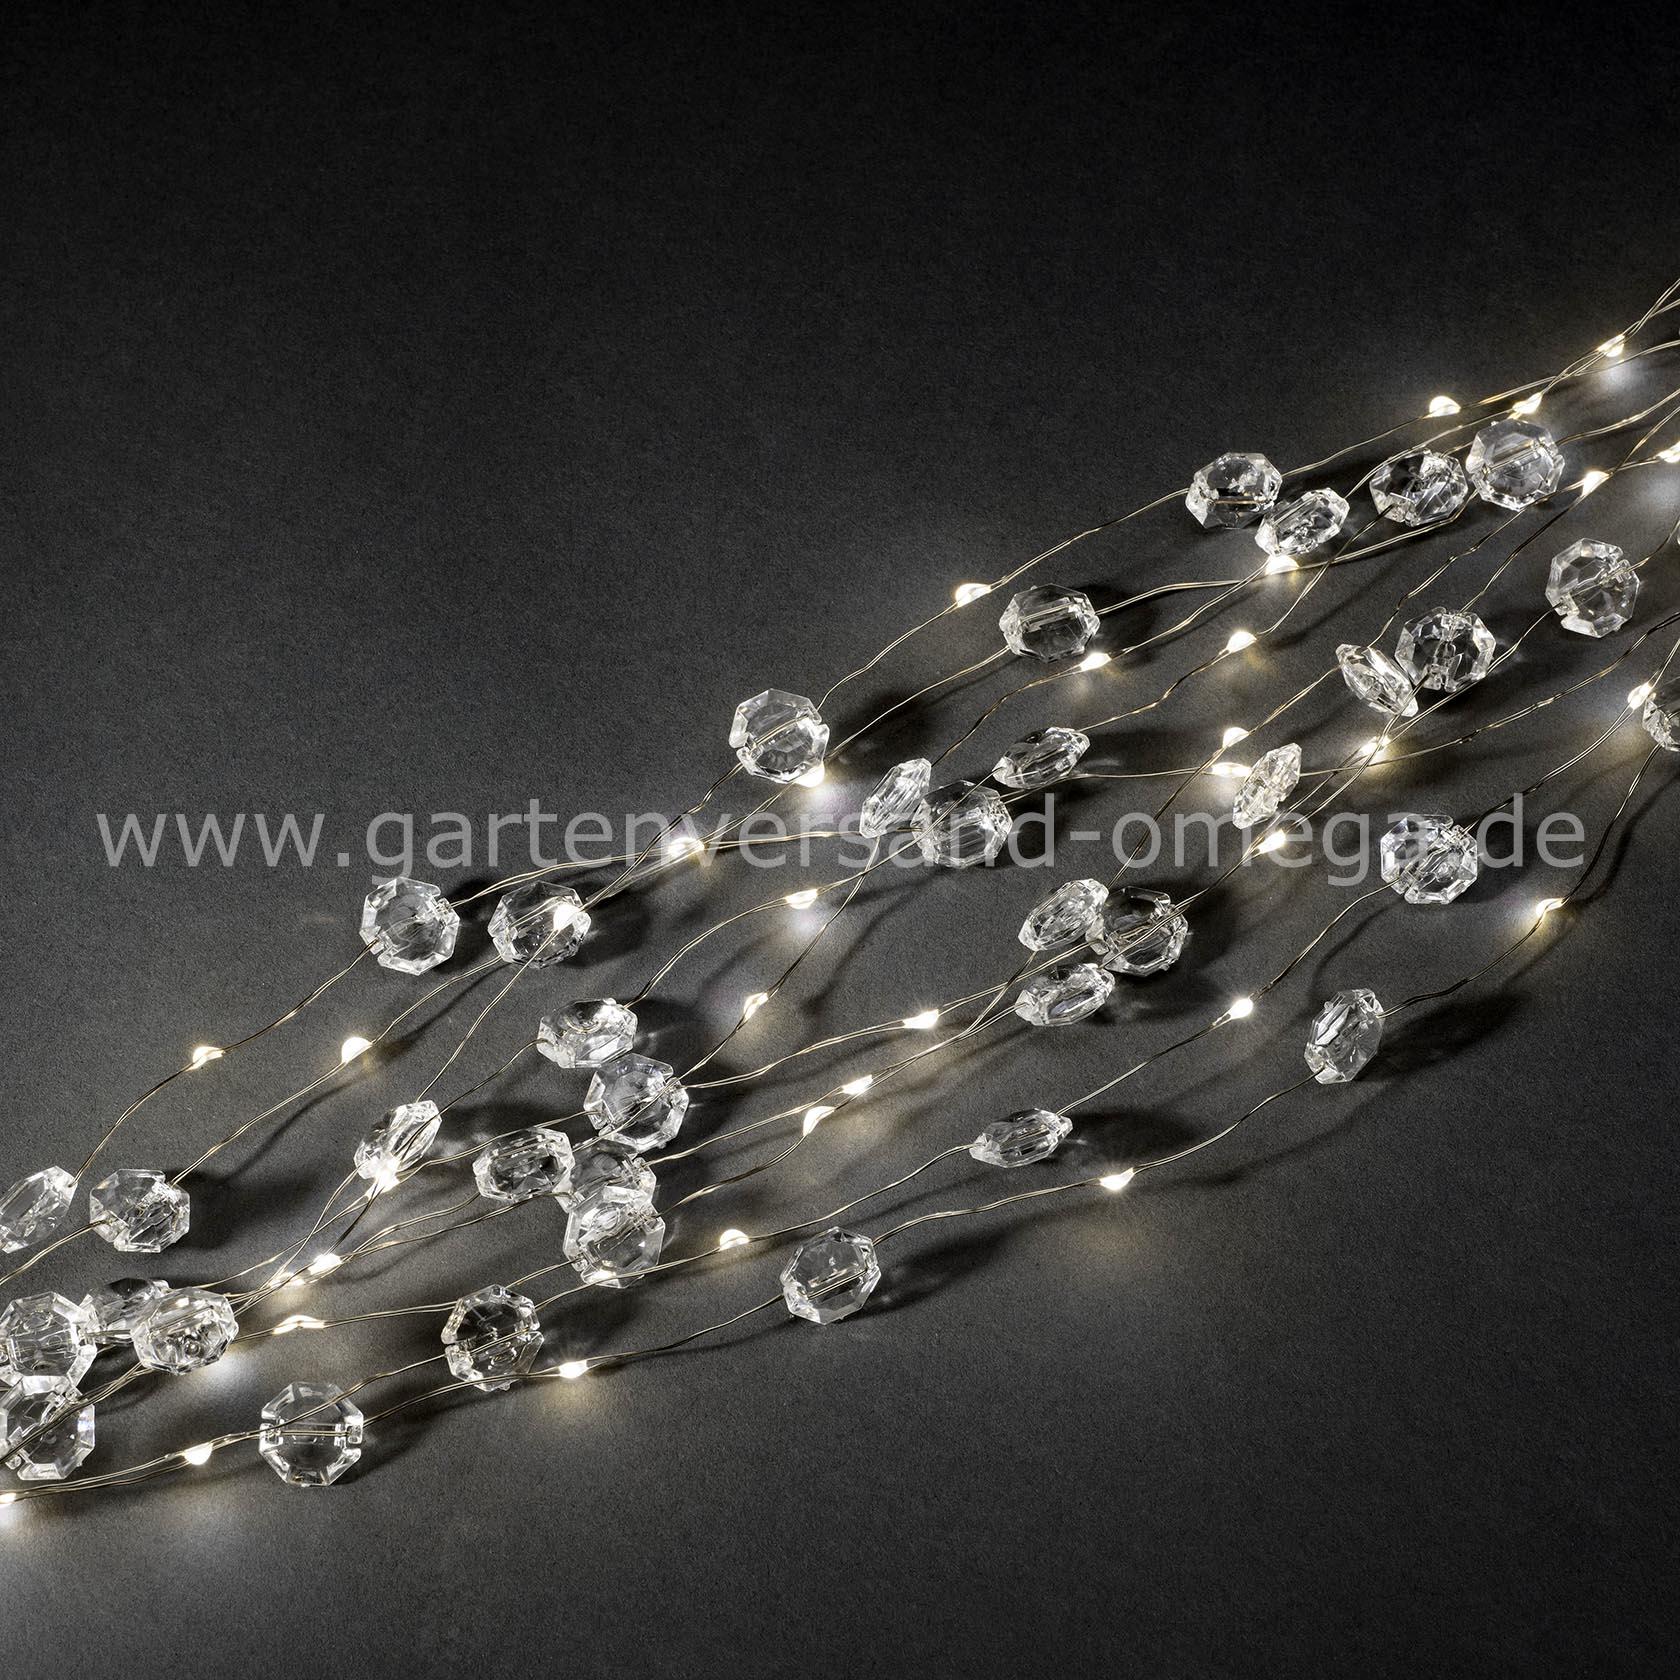 Led diamantenlametta silberdraht leuchtlametta schmucklichterkette weihnachtsschmuck - Fensterbeleuchtung innen ...